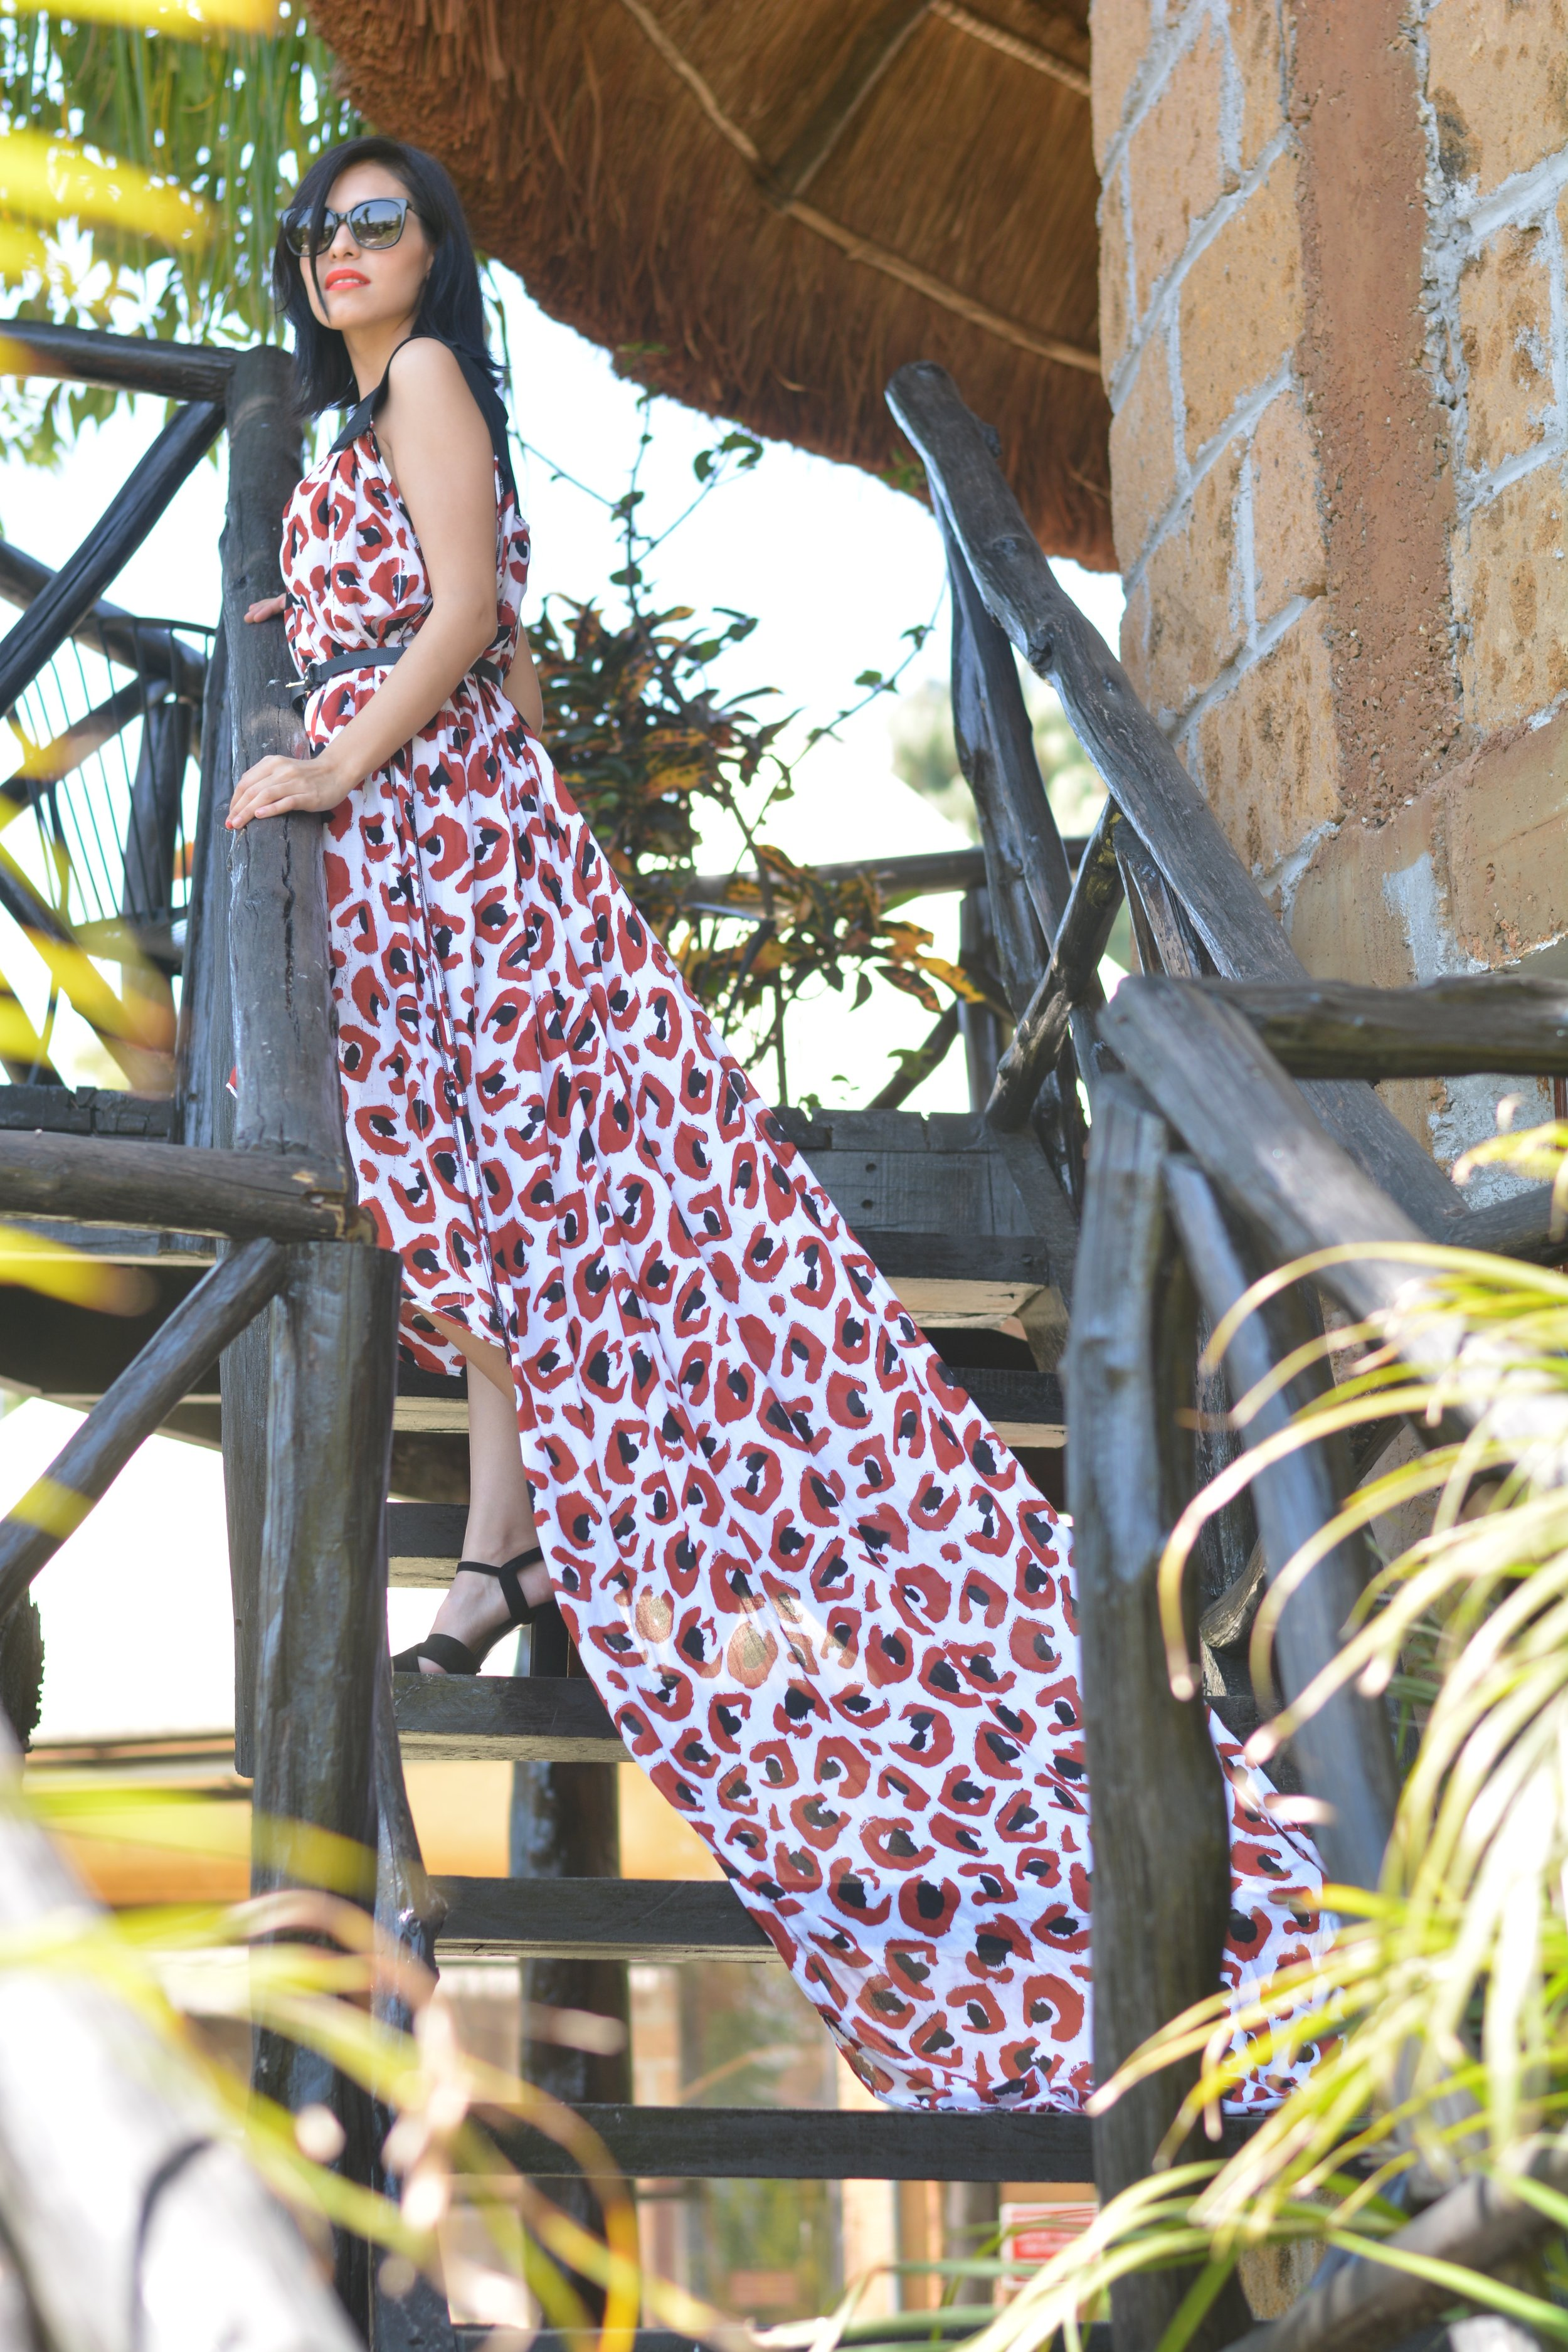 DRESS: SEBASTIAN GASPAR